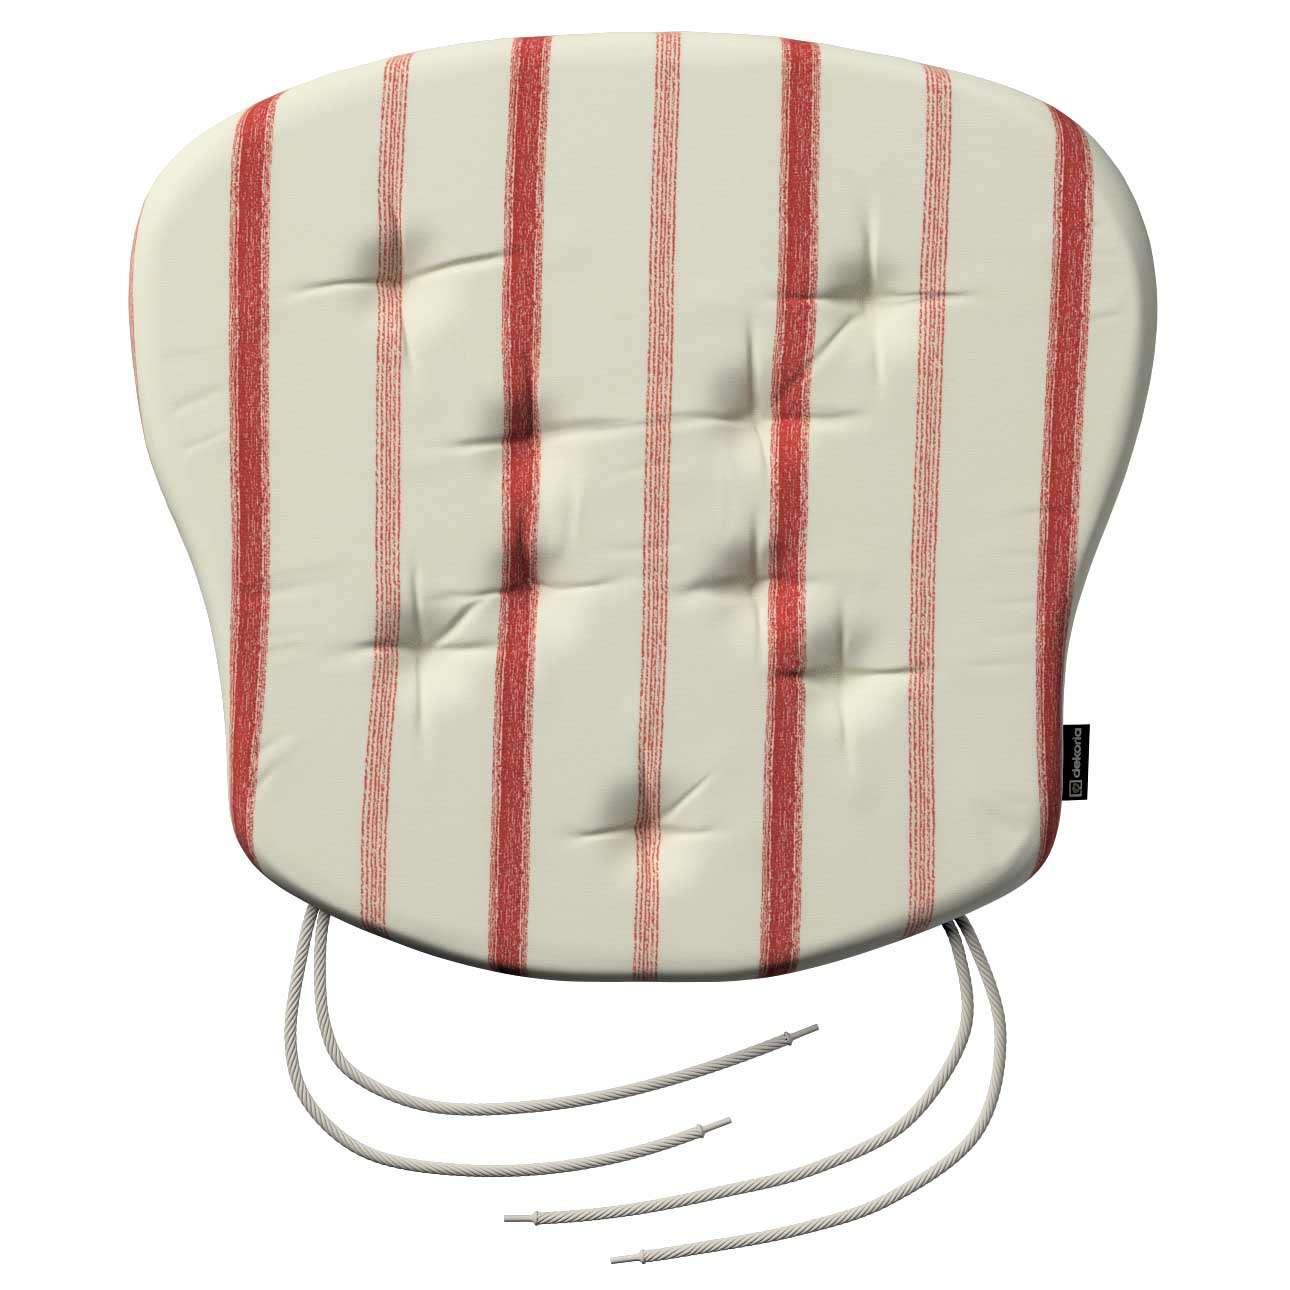 Kėdės pagalvėlė Filip  41 x 38 x 3,5 cm kolekcijoje Avinon, audinys: 129-15